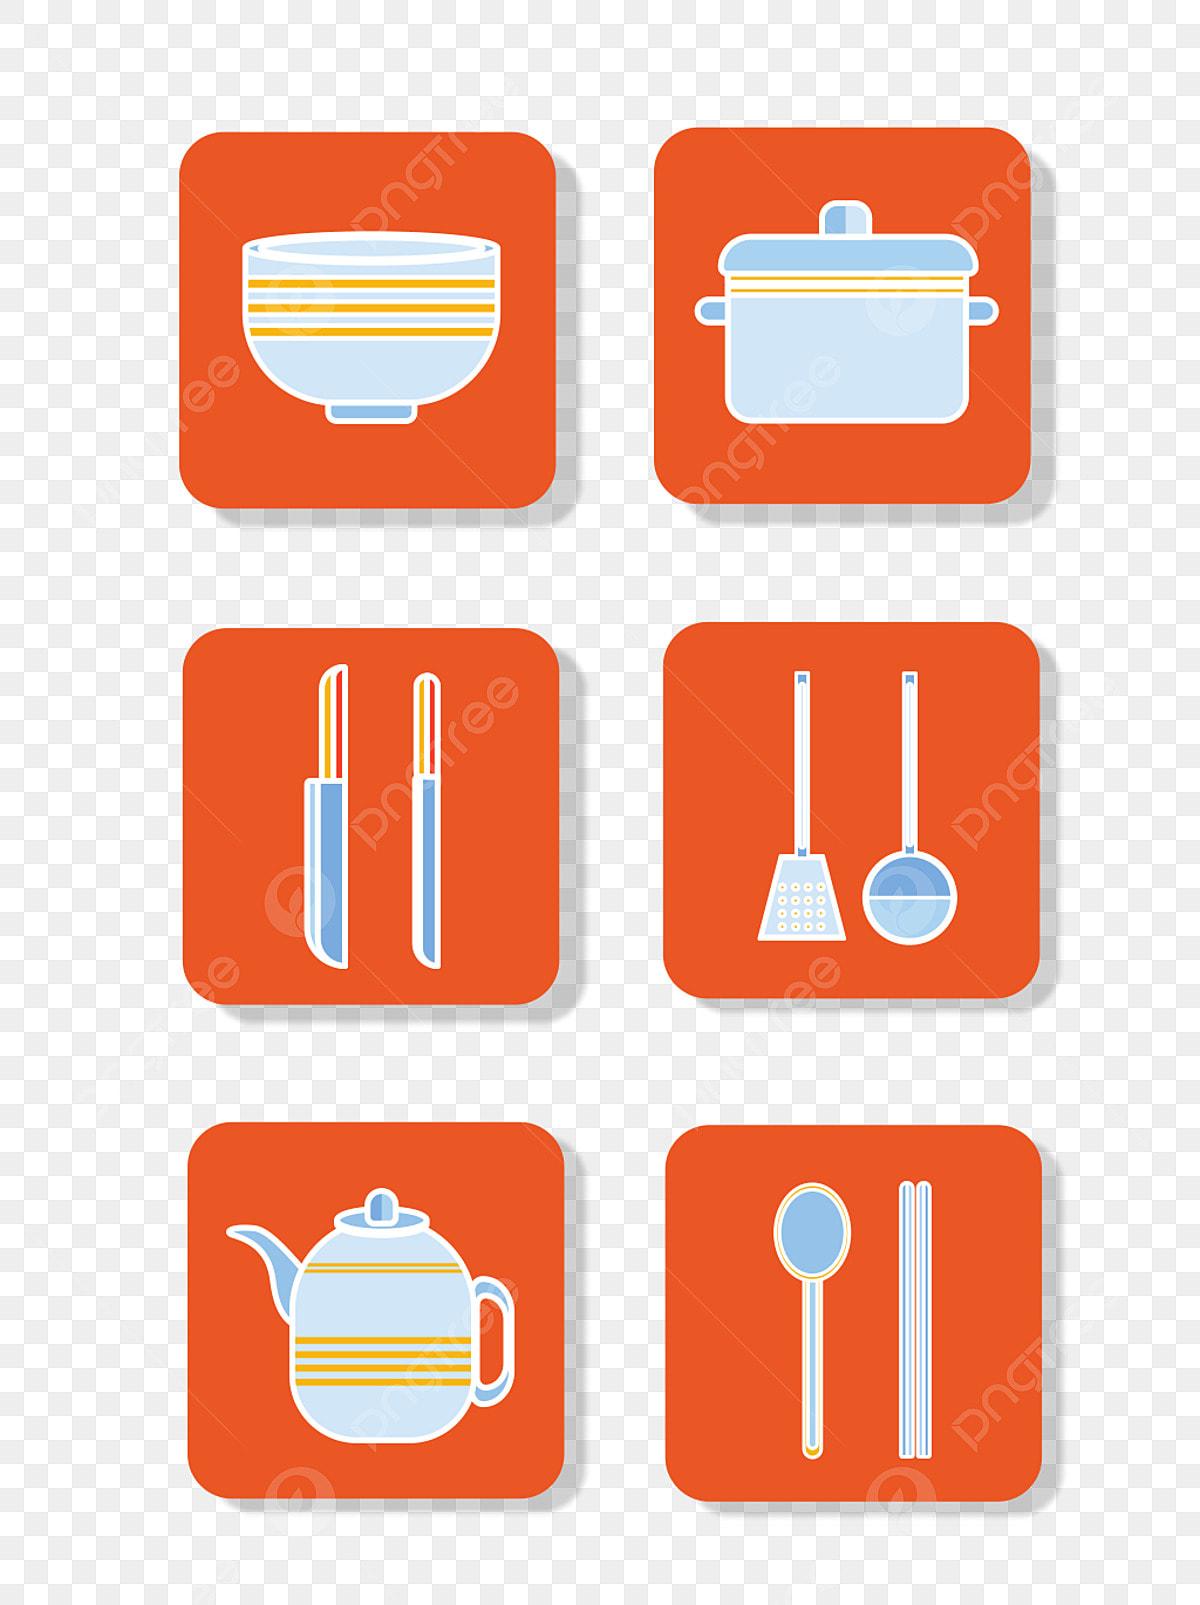 Icono De Cocina Icono De Cubiertos Icono Plano Diseno De Iconos